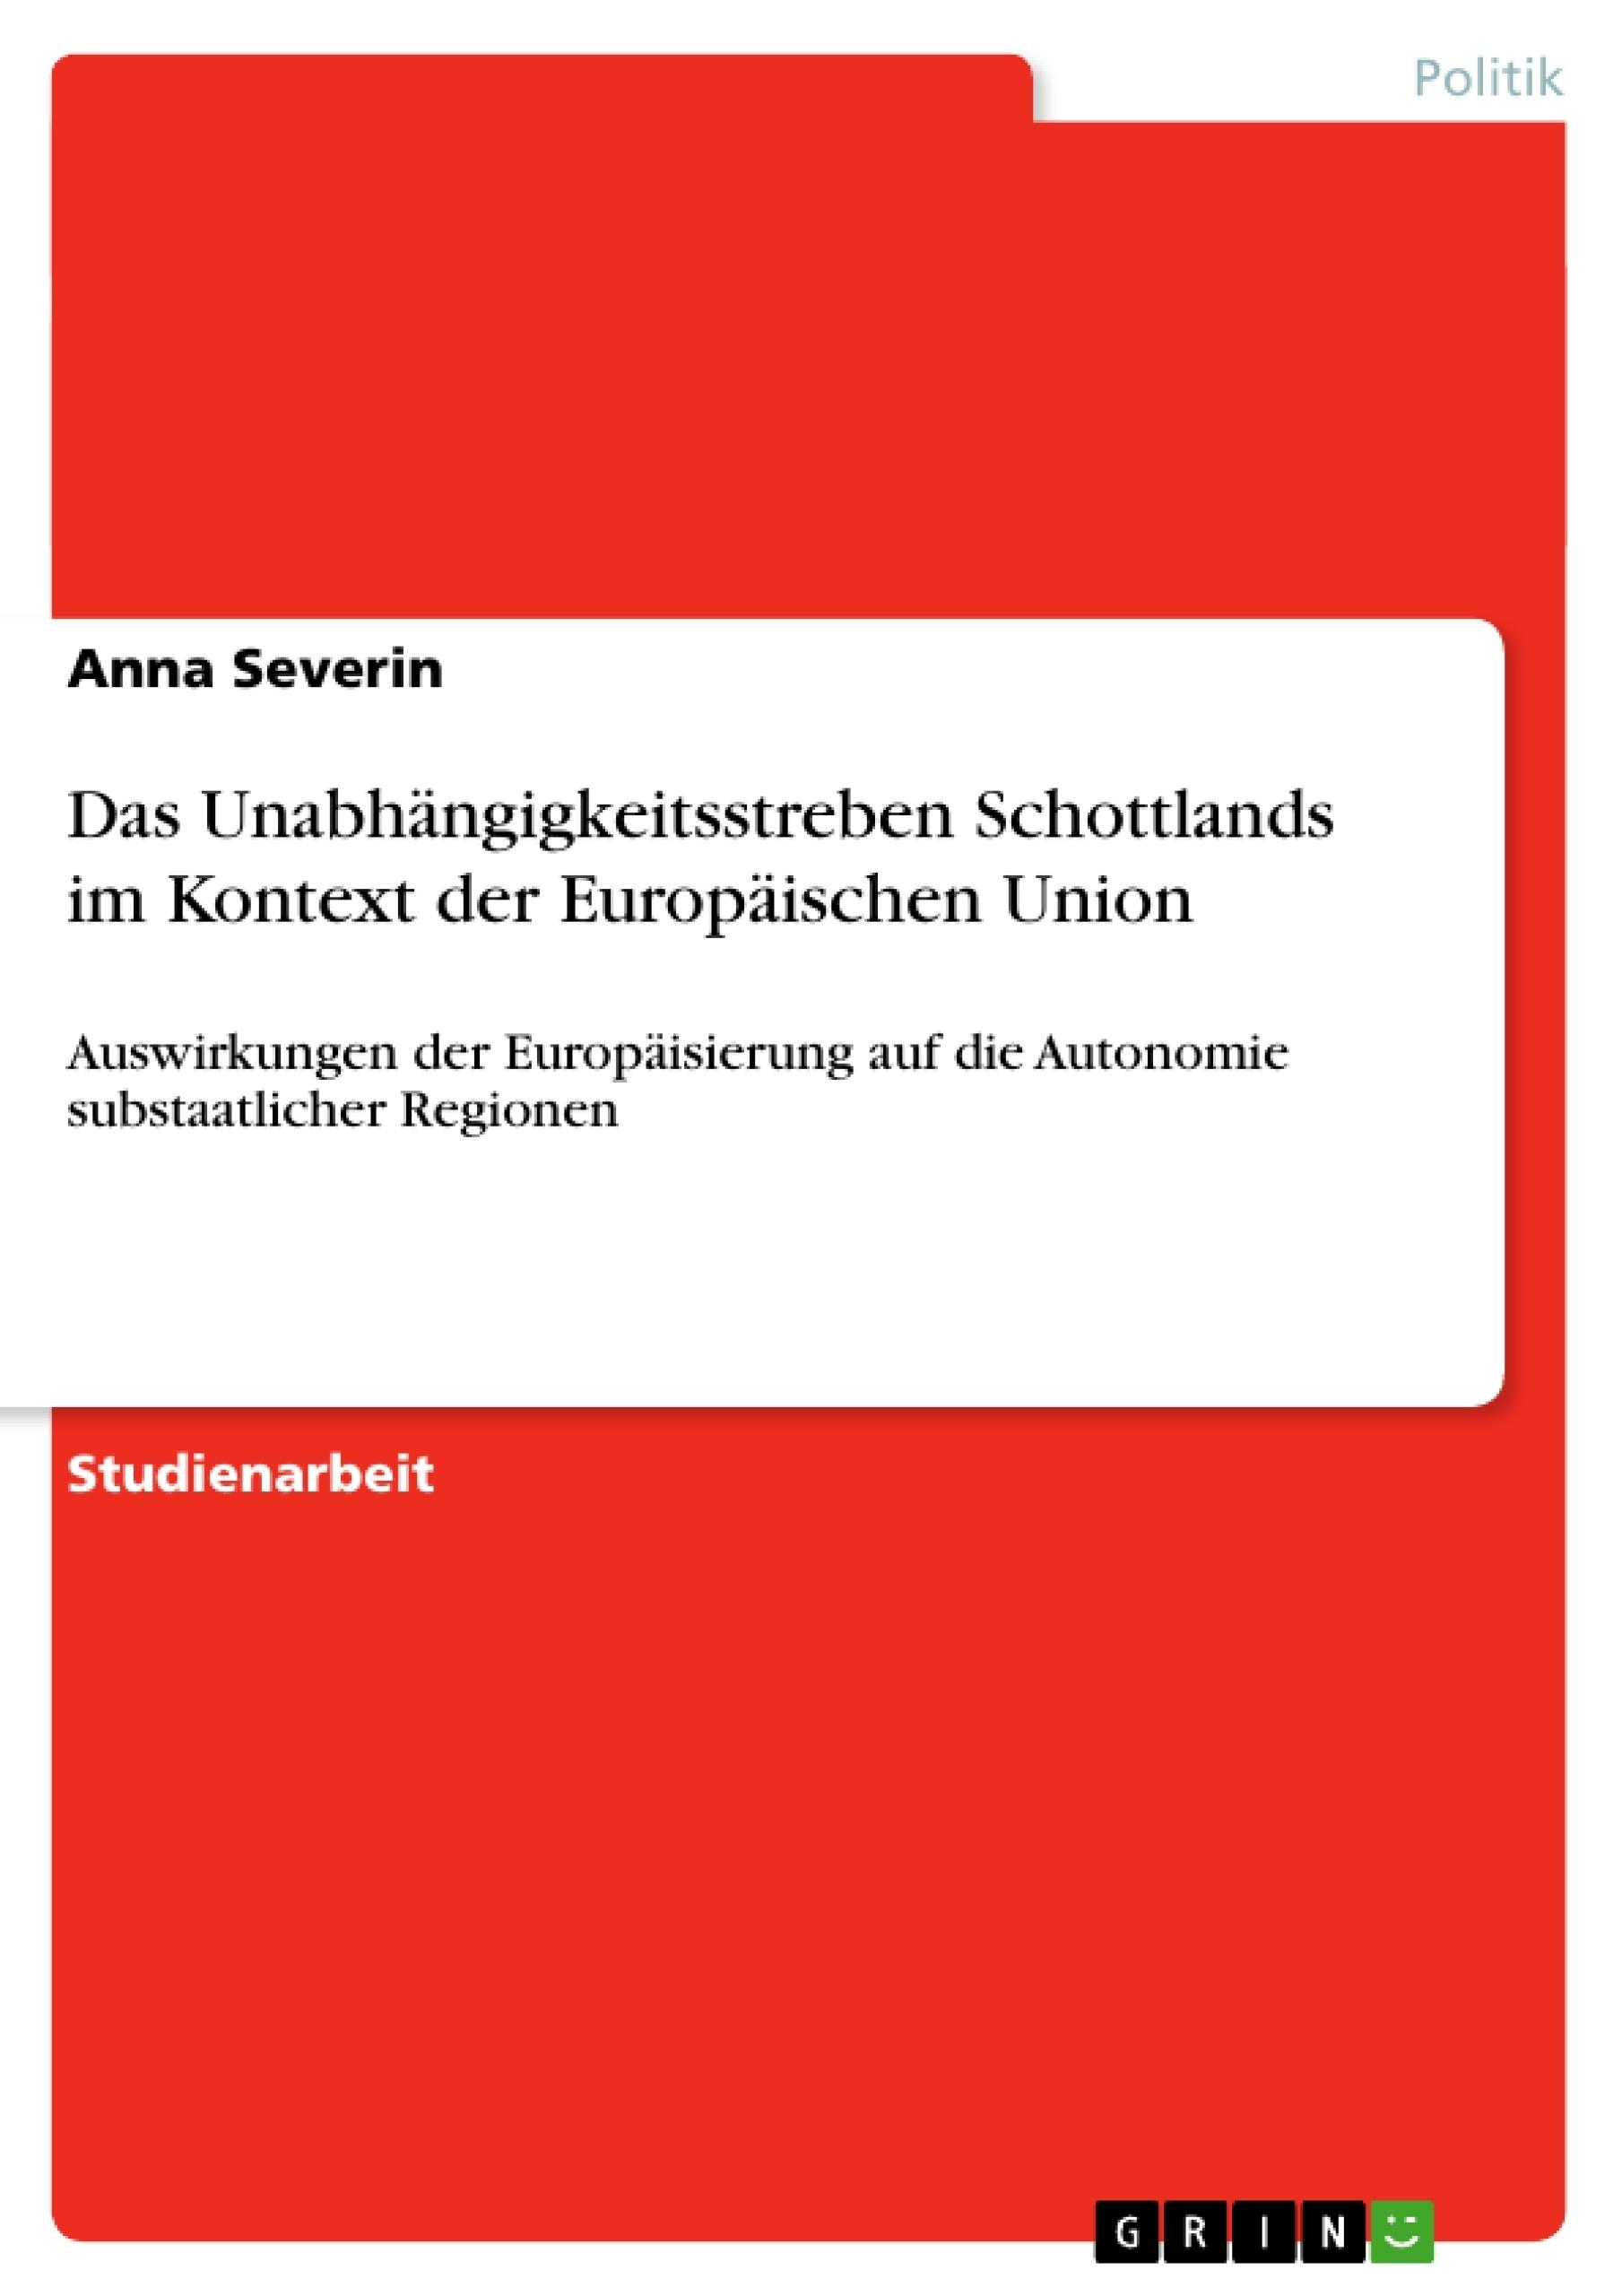 Titel: Das Unabhängigkeitsstreben Schottlands im Kontext der Europäischen Union